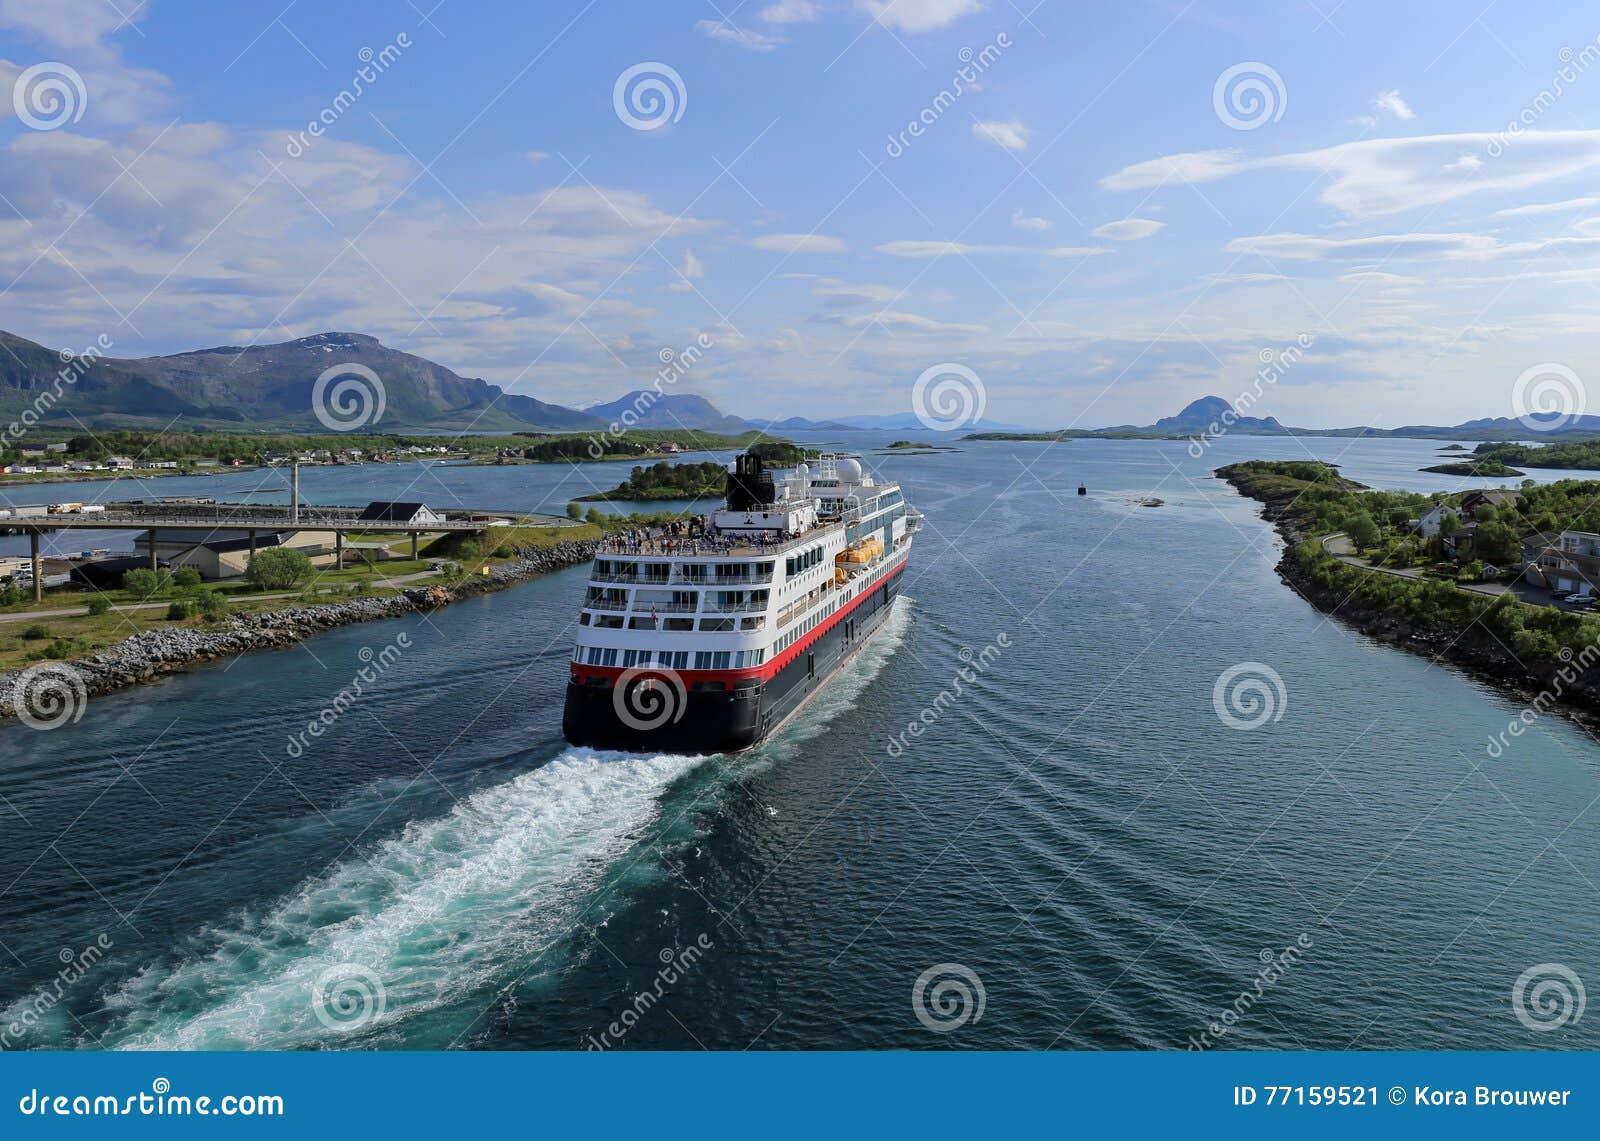 Norweski nabrzeżny parostatek opuszcza port Bronnoysund